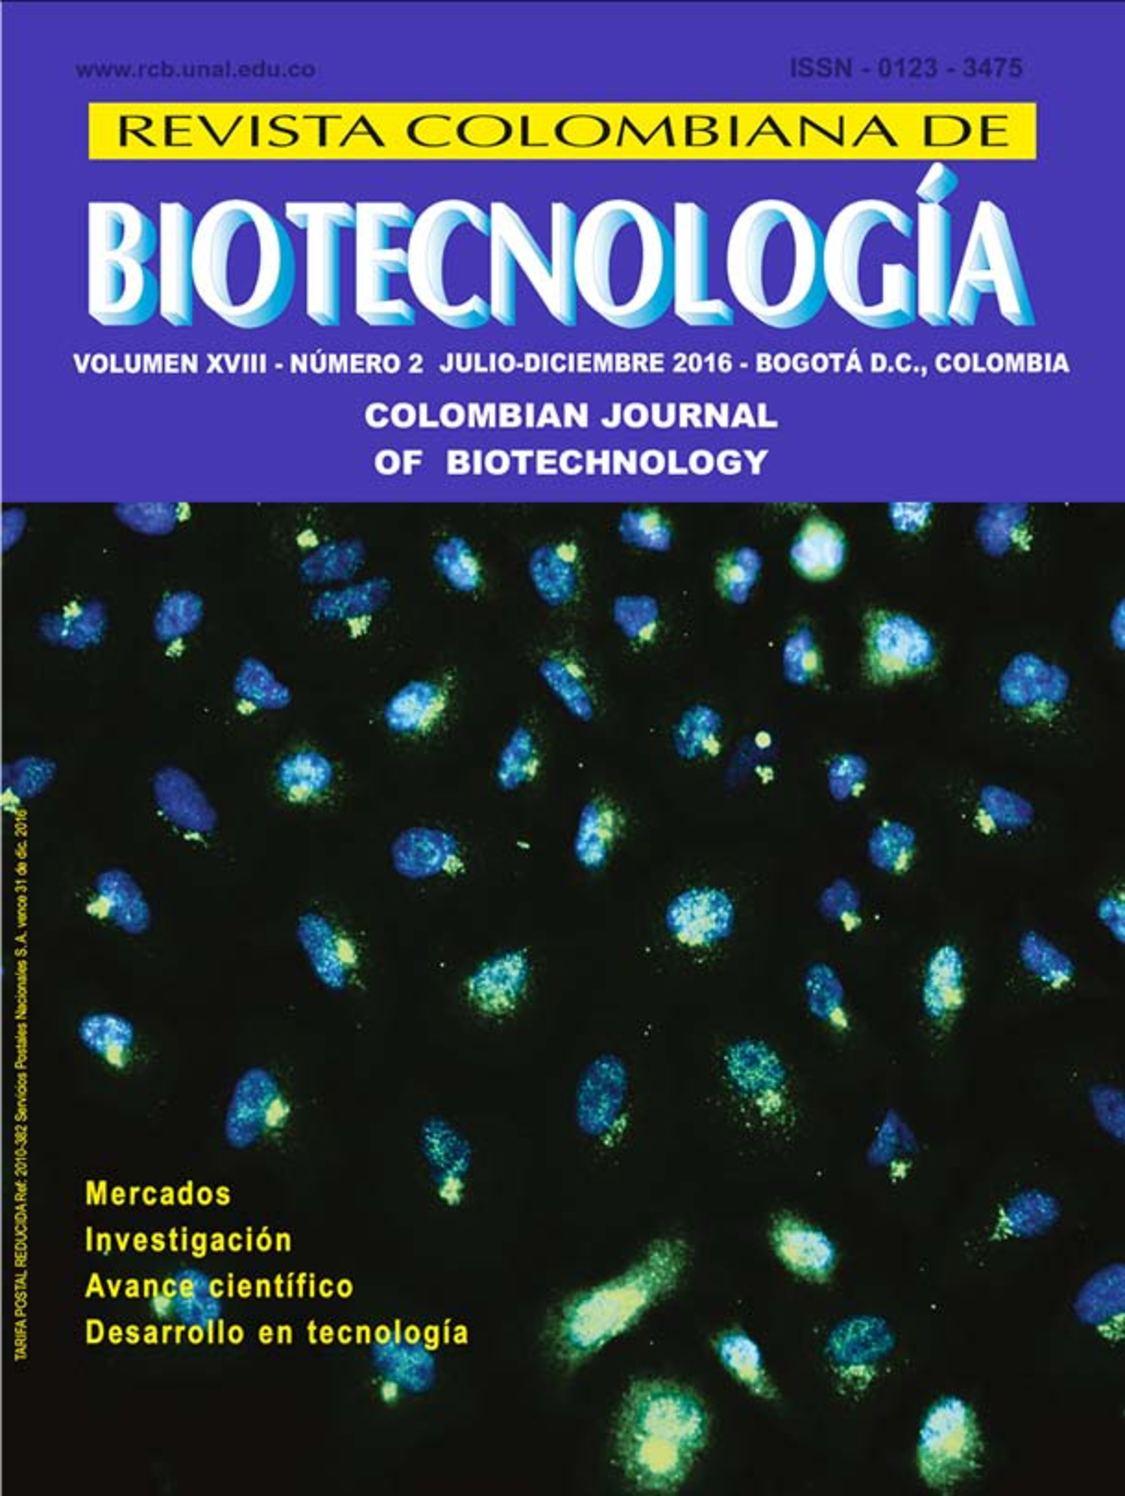 Inmunologia William Rojas Montoya Pdf